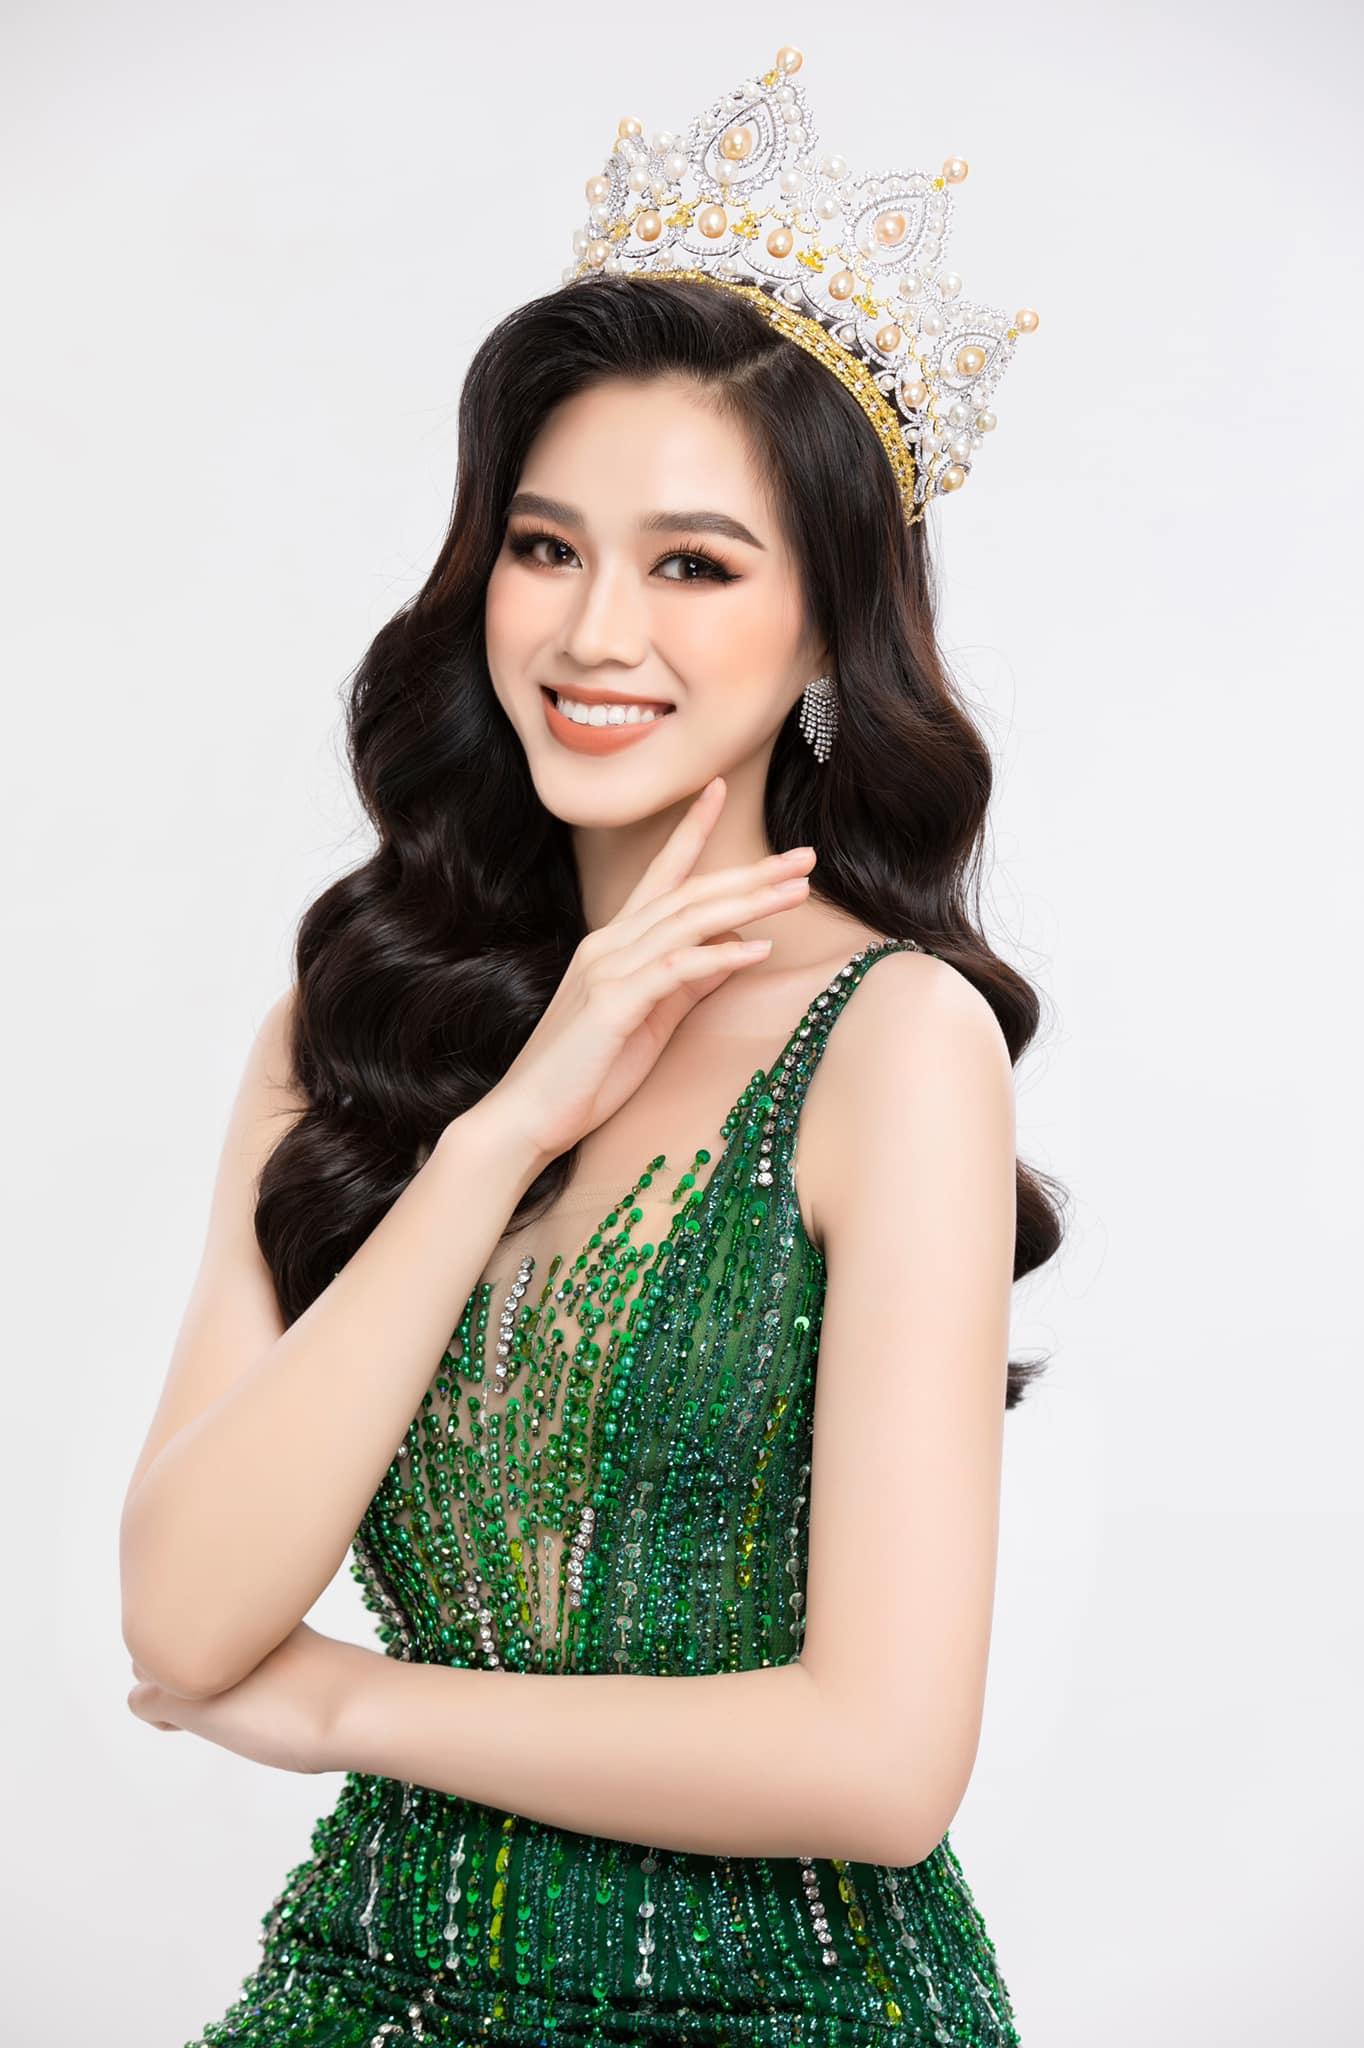 Là đại diện Việt Nam tham dự cuộc thi sắc đẹp lớn nhất nhì hành tinh Miss World 2021, Đỗ Thị Hà được người hâm mộ Việt chờ đón. Sau khi đăng quang Hoa hậu Việt Nam 2020, người đẹp 10x có khoảng 1 năm chuẩn bị trước khi chính thức sang Puerto Rico vào tháng 12 tới.